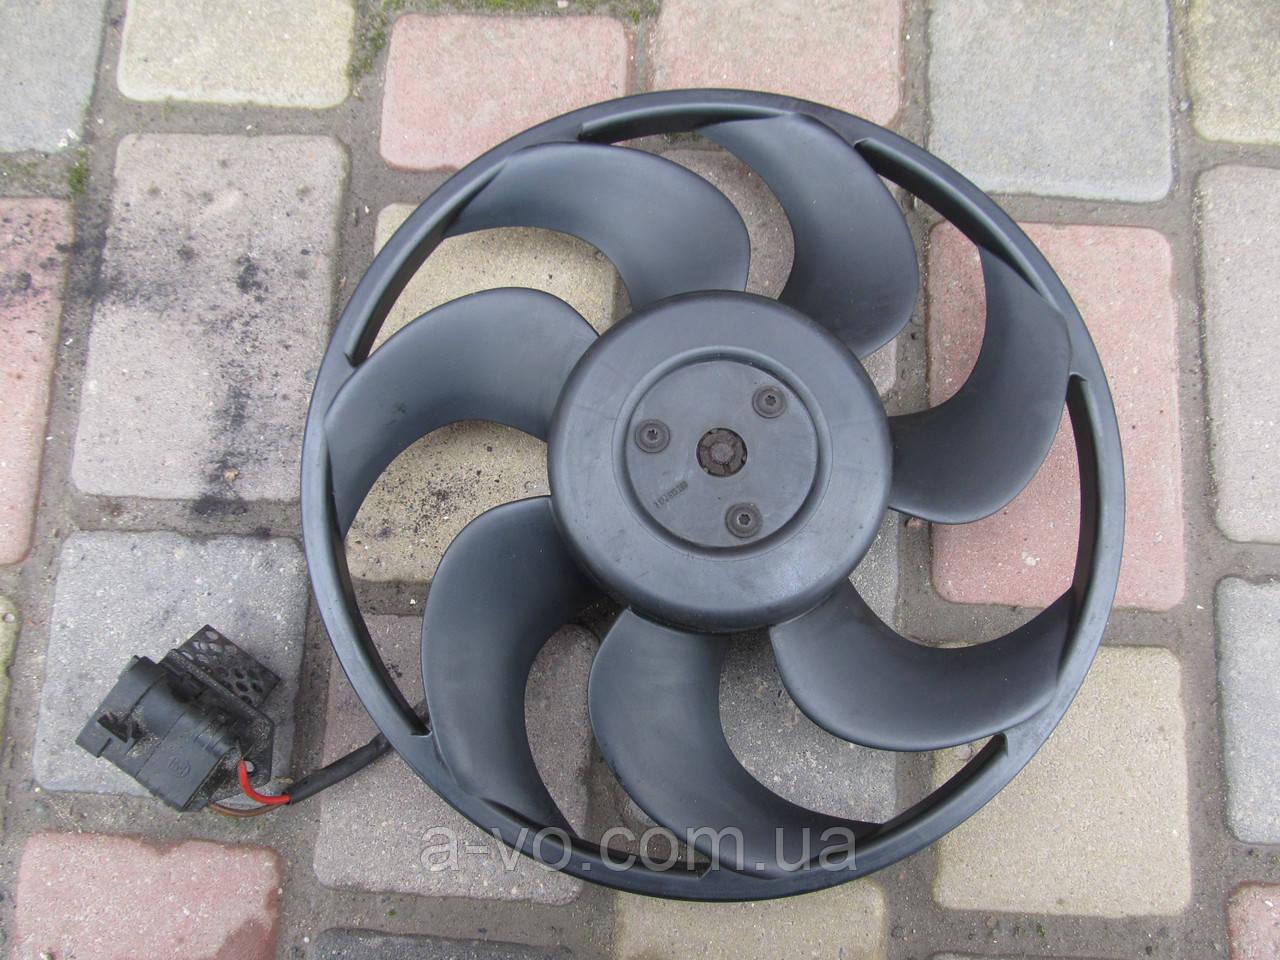 Вентилятор основного радиатора для Opel Astra G Zafira A, 24431829, 90570745, 0130303275, 0130303248